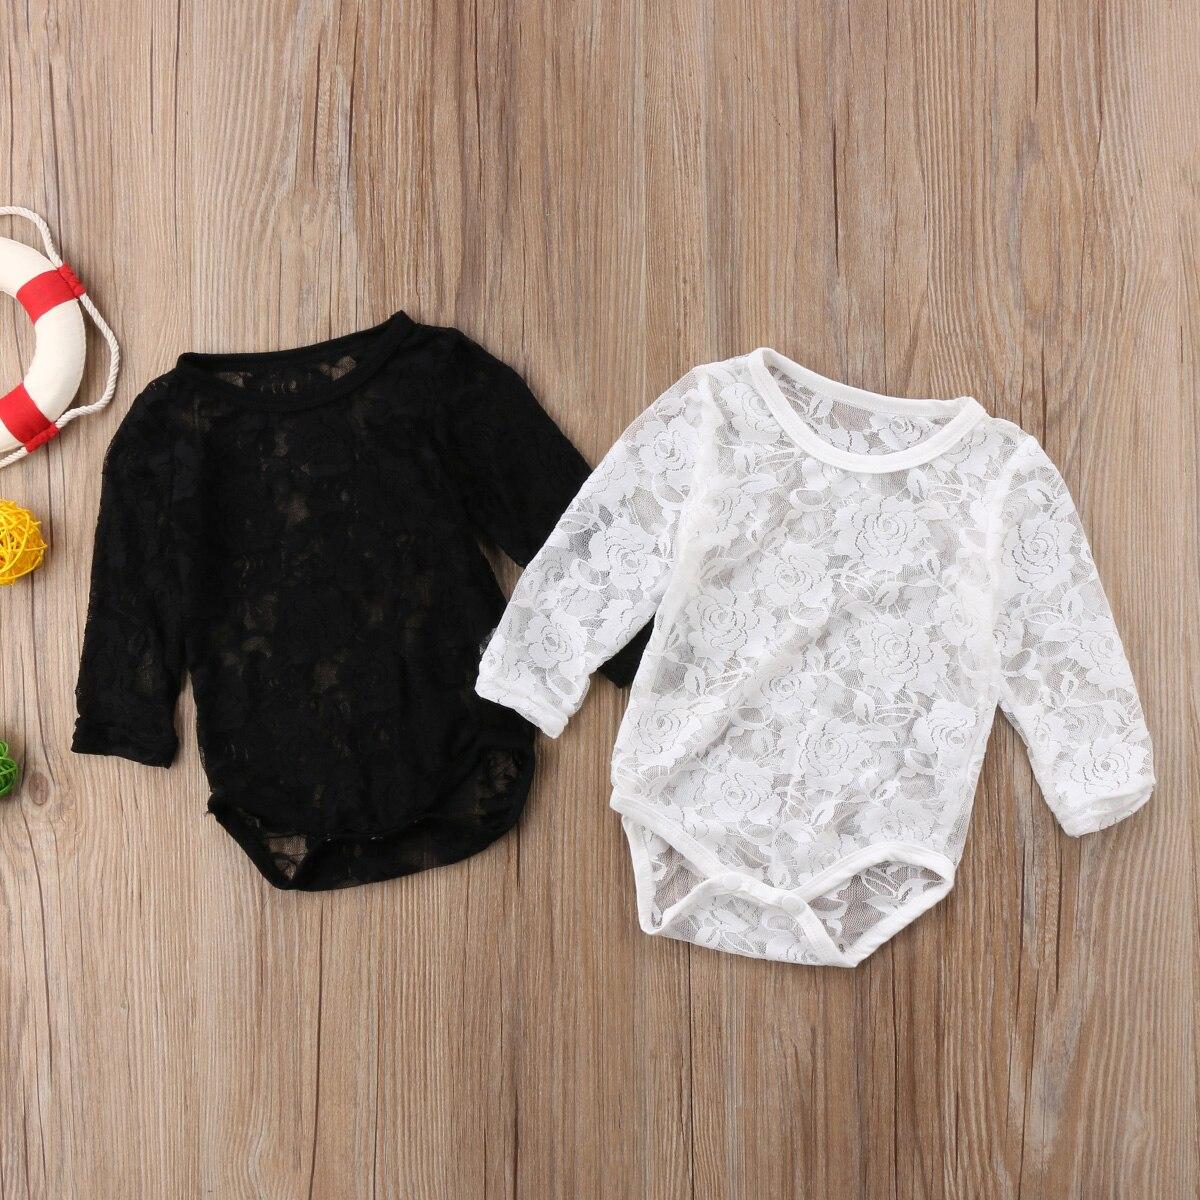 2018 Neugeboren Baby Mädchen Langen Ärmeln Spitze Sunsuit Weiß Oder Schwarz Jumpsuit Body Overall Feste Beiläufige Outfit Hindernis Entfernen